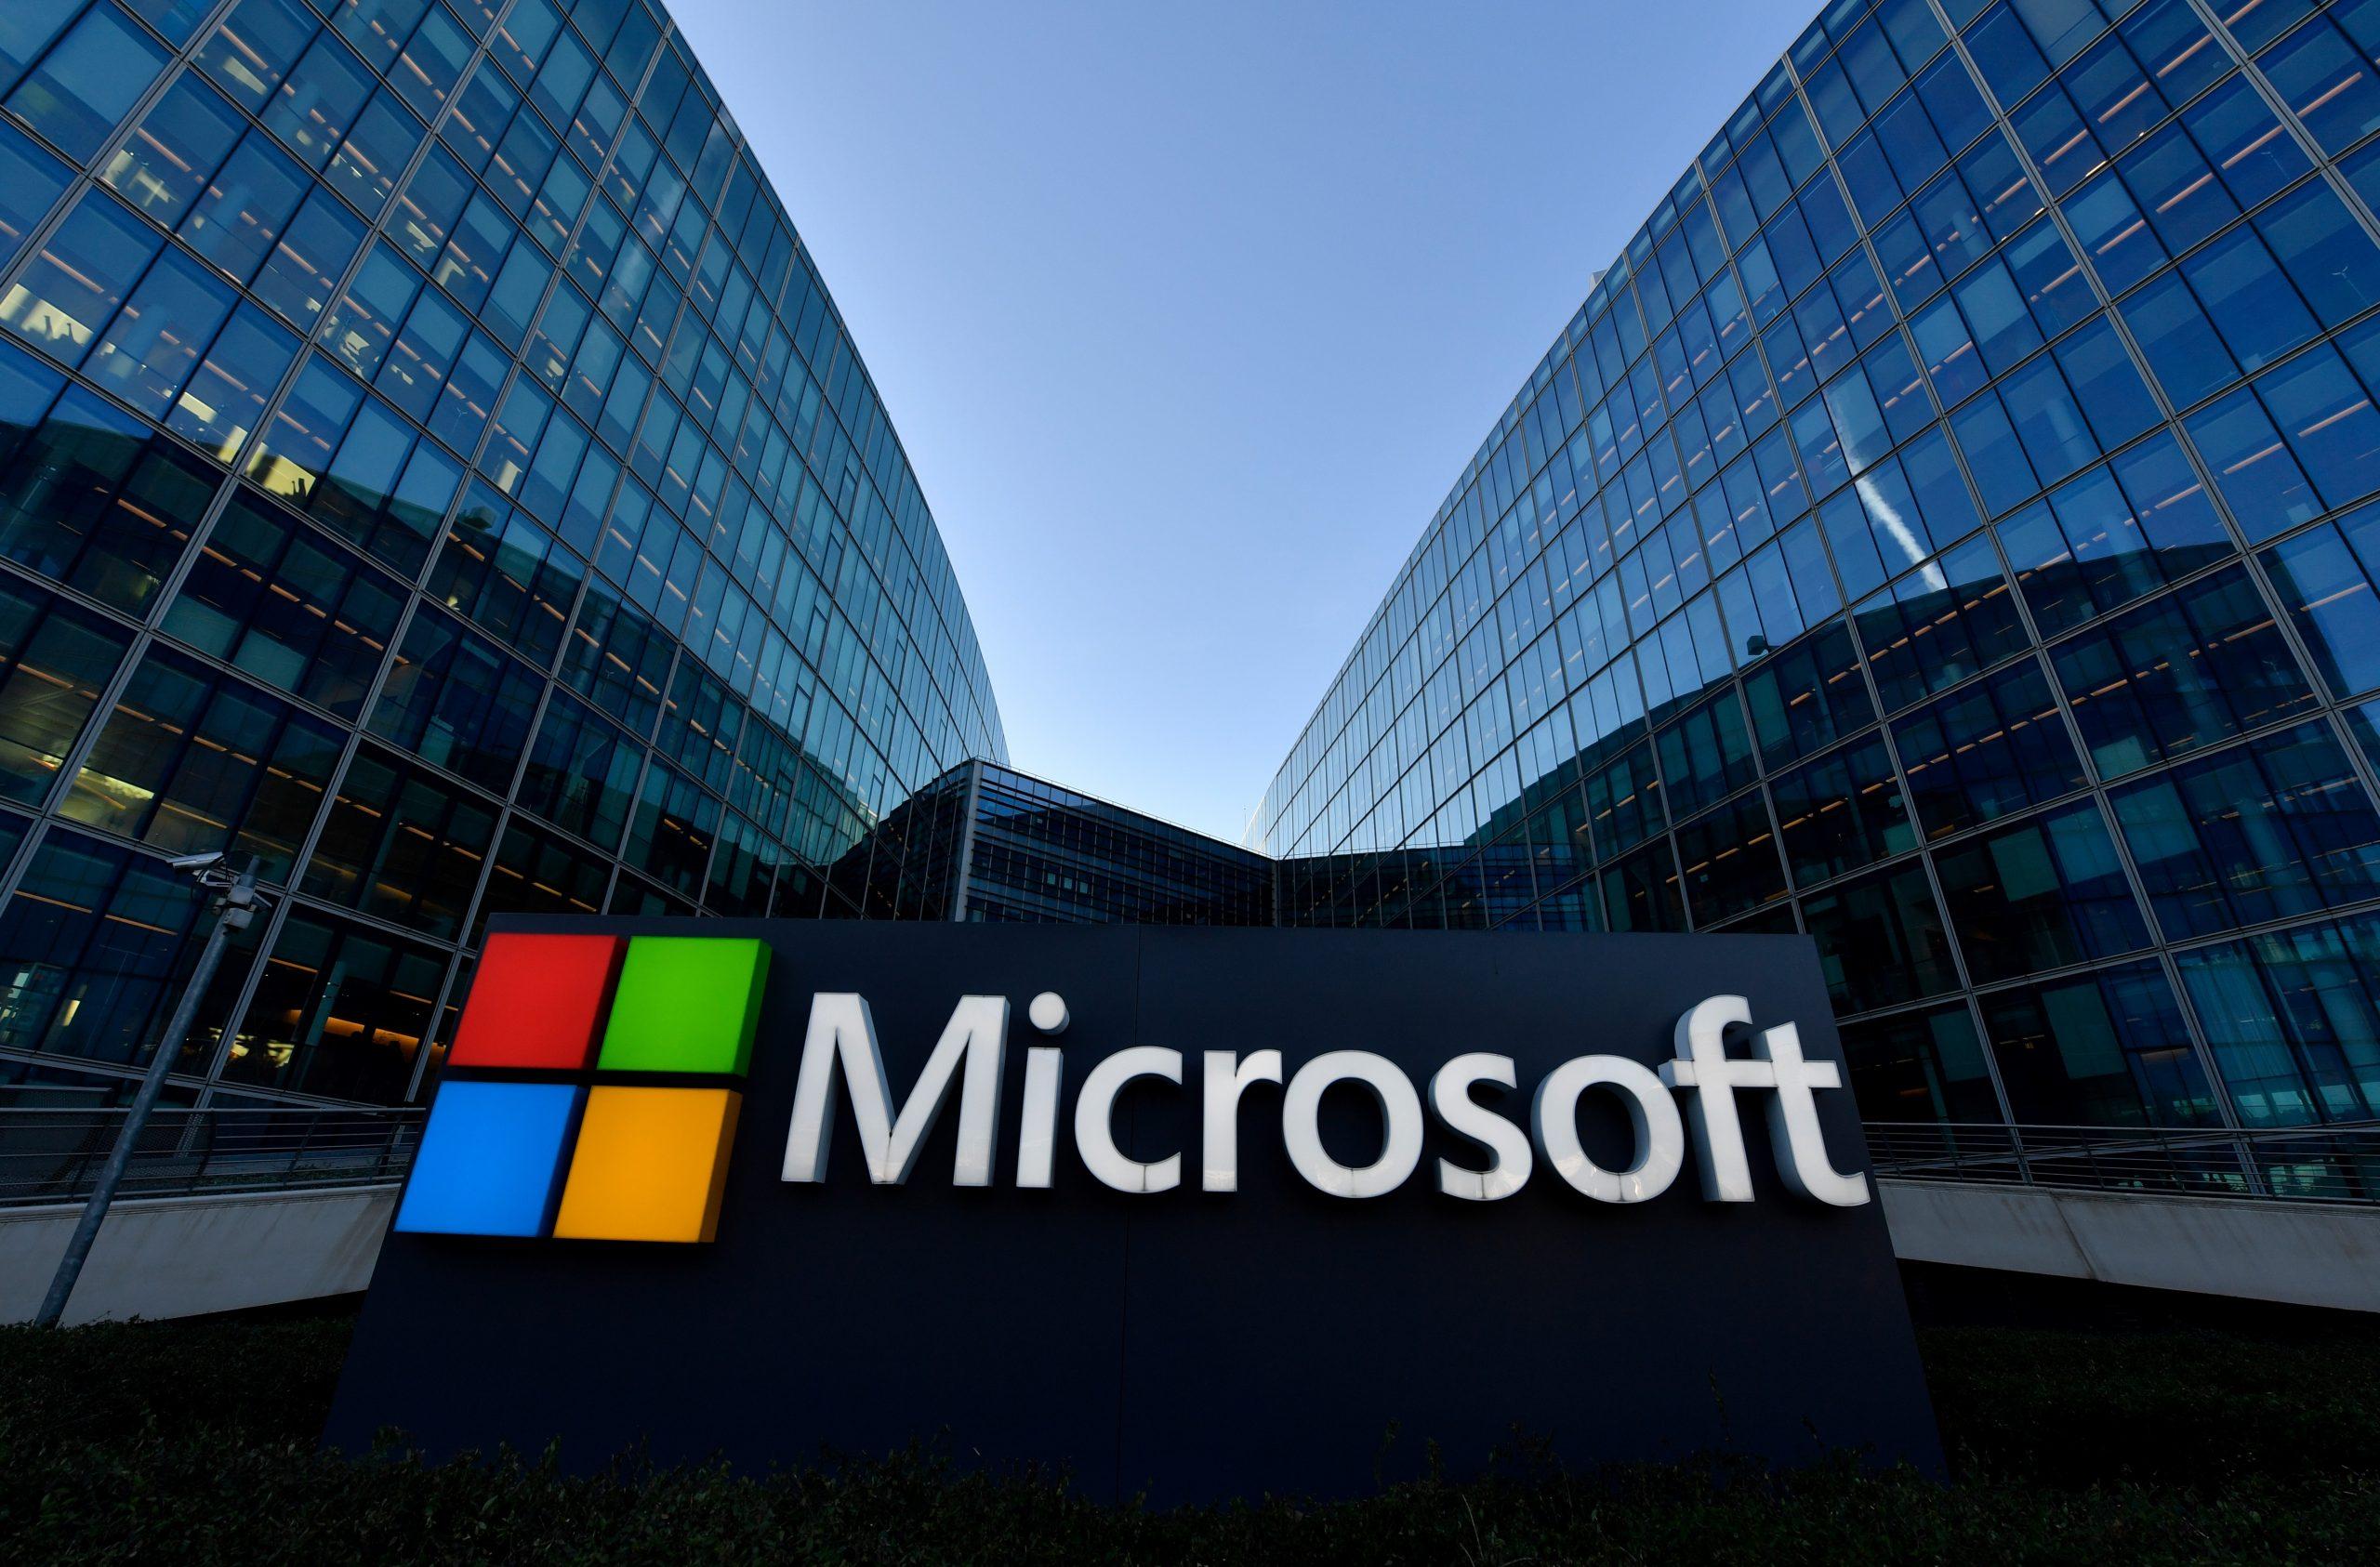 Специалисты обнаружили масштабную уязвимость в облачном сервисе Microsoft